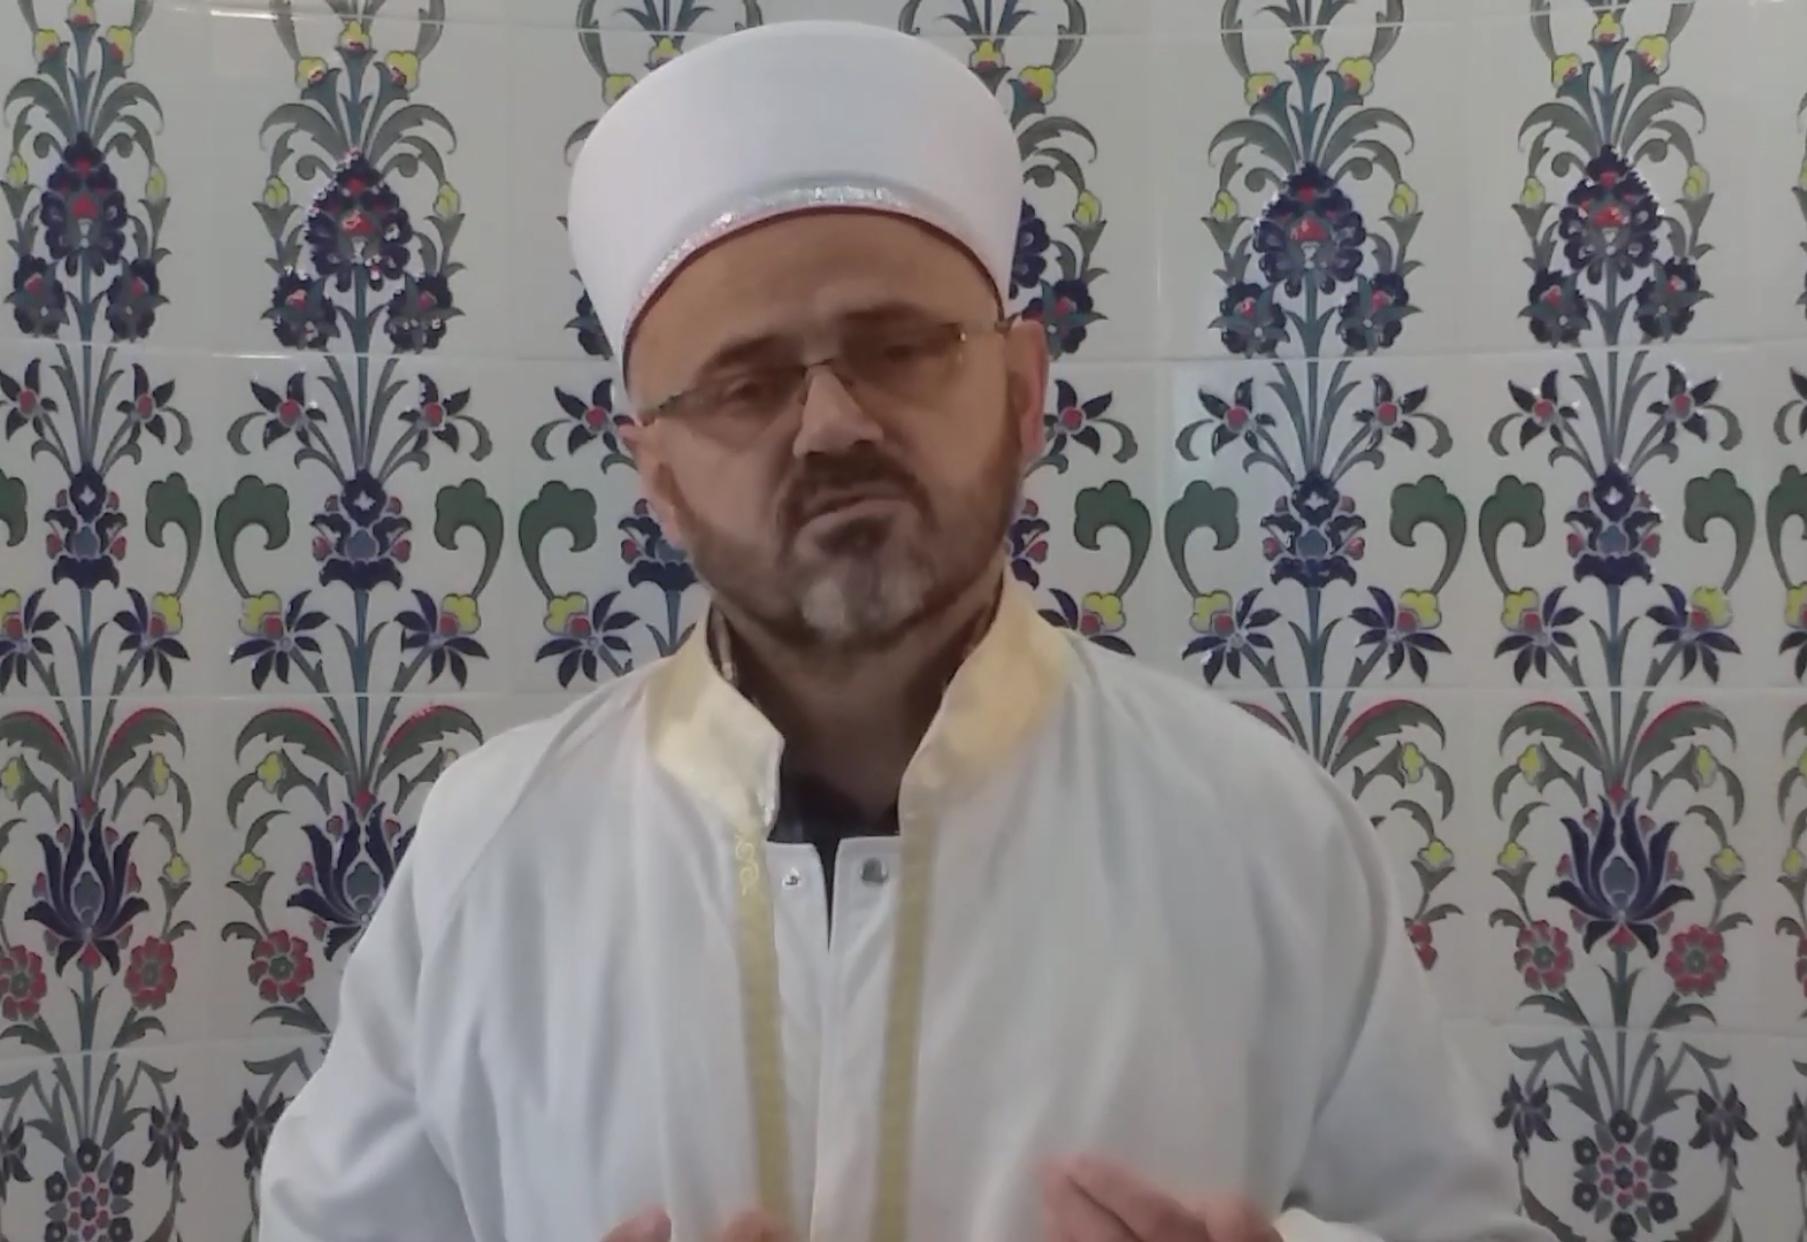 Canlı Video Yayını İle 1. Kur'an-ı Kerim Hatminin Duasını Hasan IŞIK Hocamız Yaptı